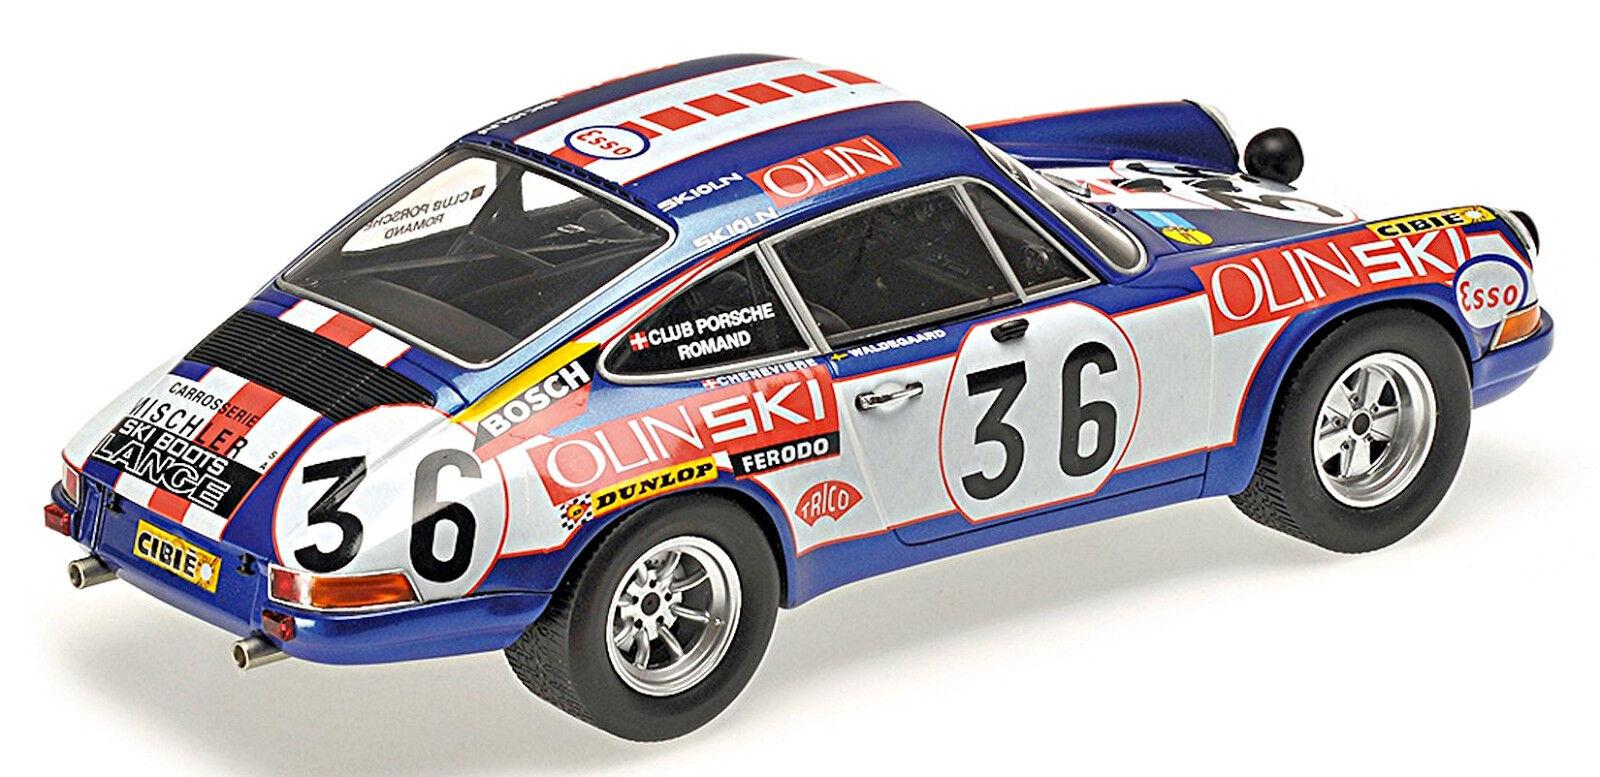 Porsche Ecurie 911 s Ecurie Porsche Jean sage 24h LEMANS 1971 #36 waldegard 1:18 MINICHAMPS 22296a